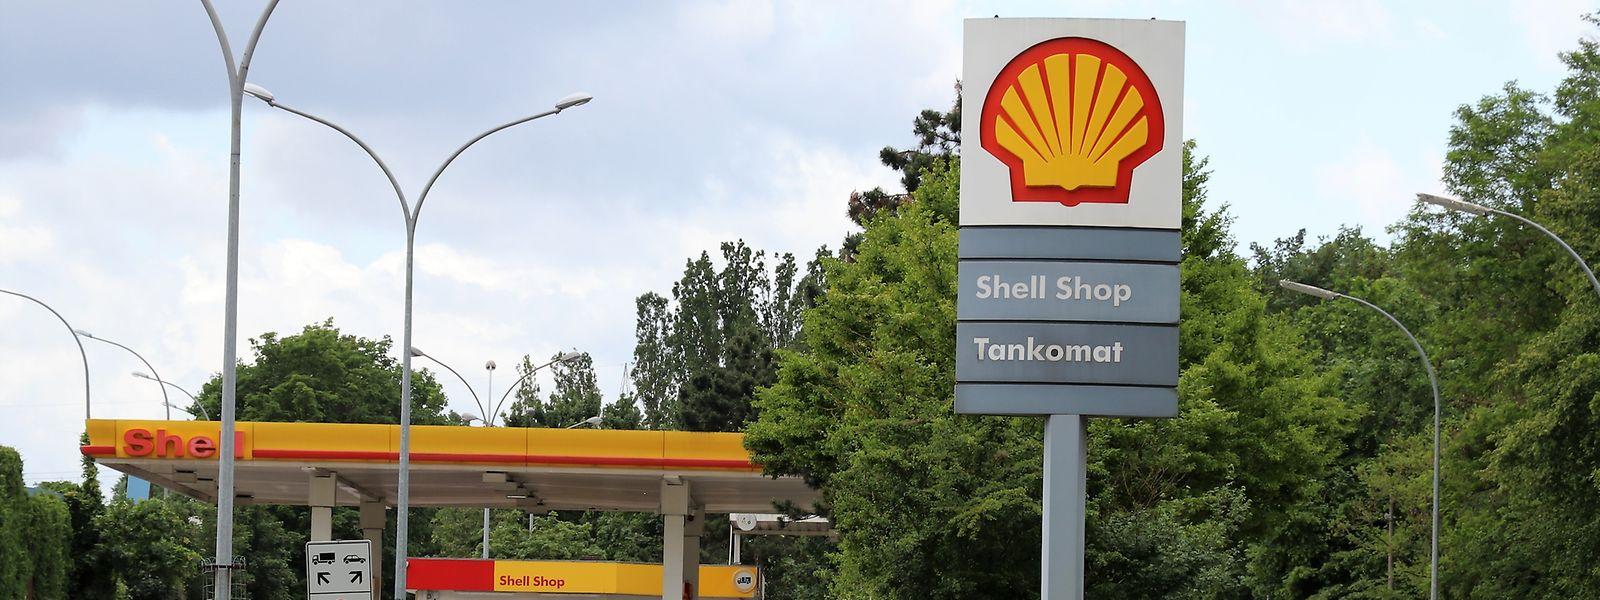 Ayant remporté l'appel d'offres du gouvernement, Total remplacera dans quelques mois son concurrent Shell sur l'A4.